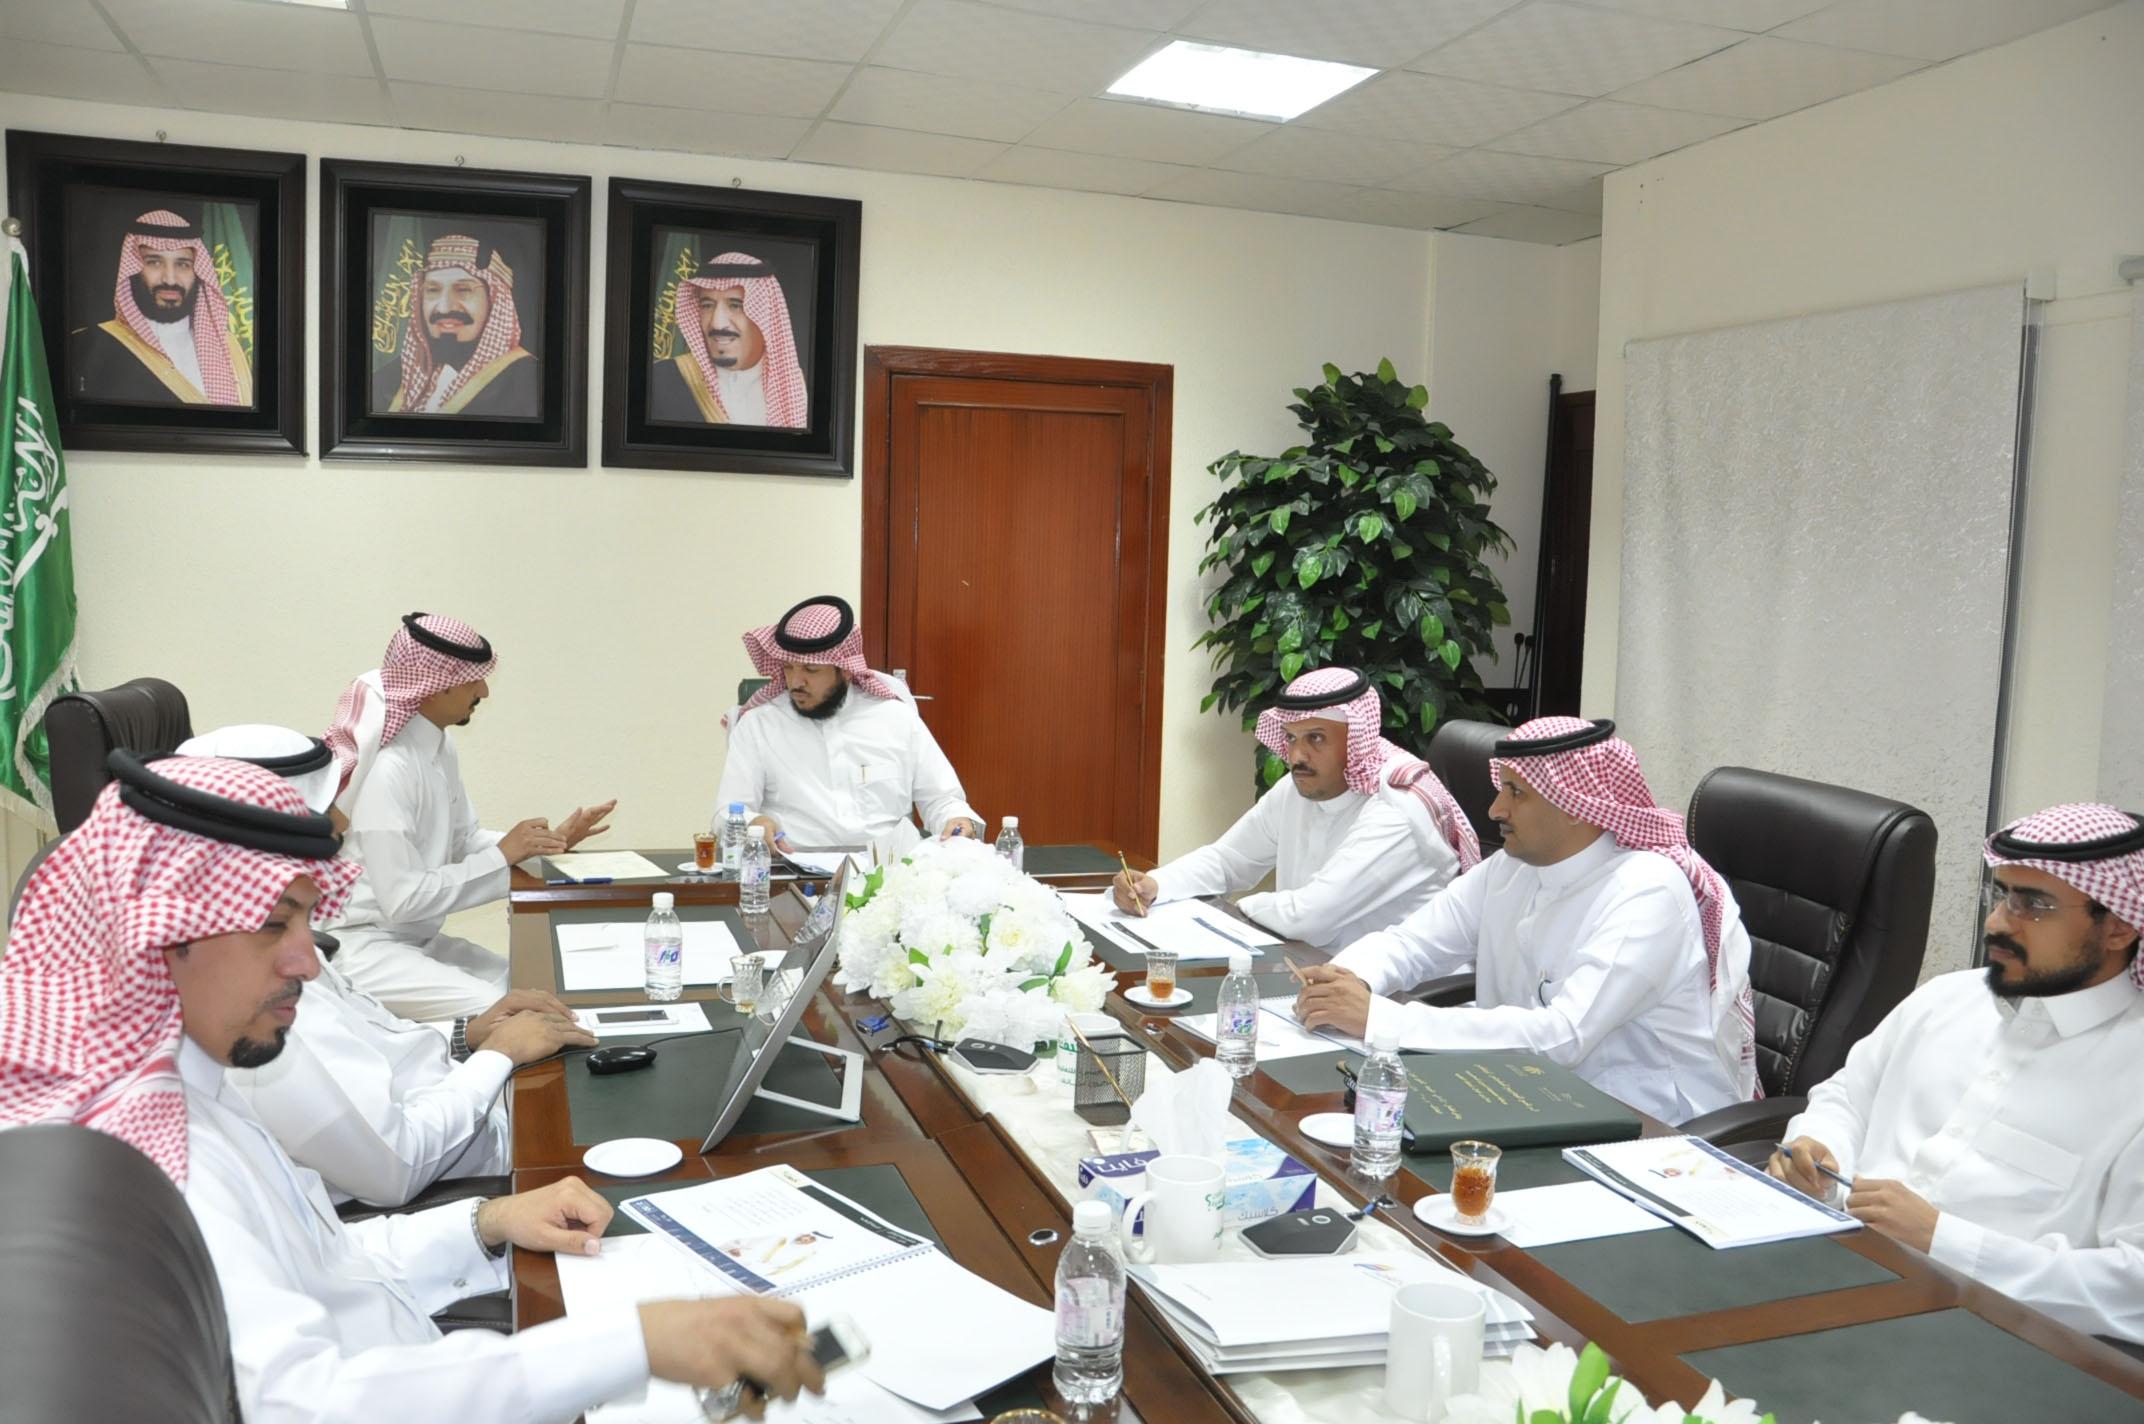 مدير تعليم الطائف يؤكد جميع الشركات المجتمعية ورعاة الفعاليات وفق أنظمة وزارة التعليم